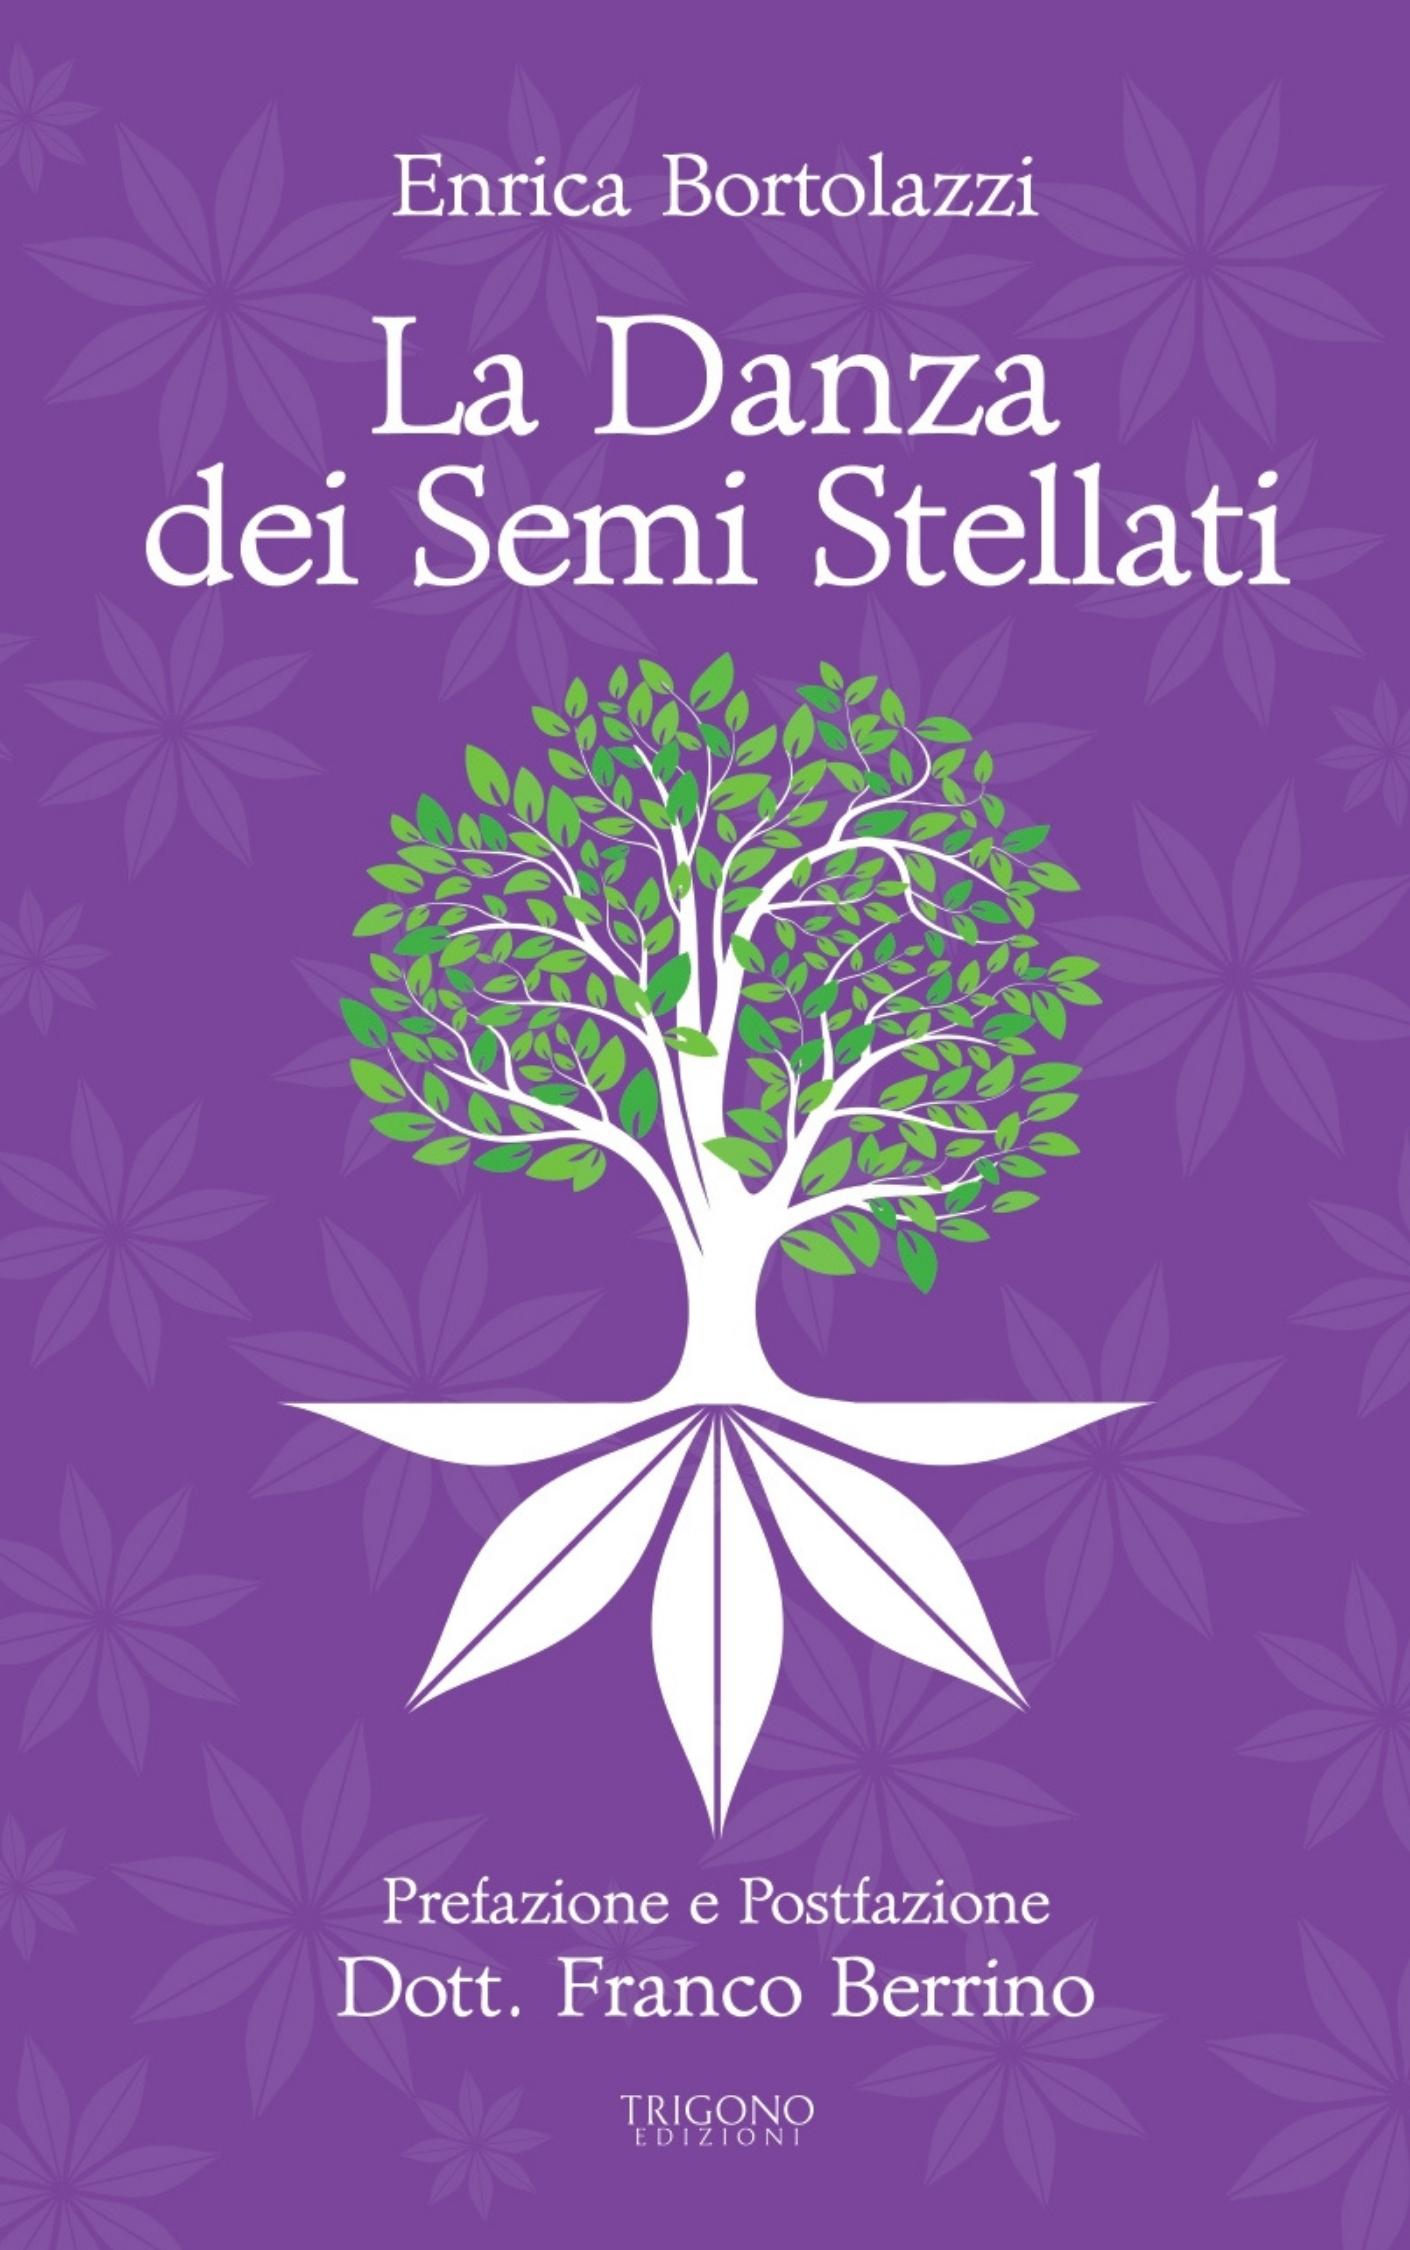 La Danza dei Semi Stellati